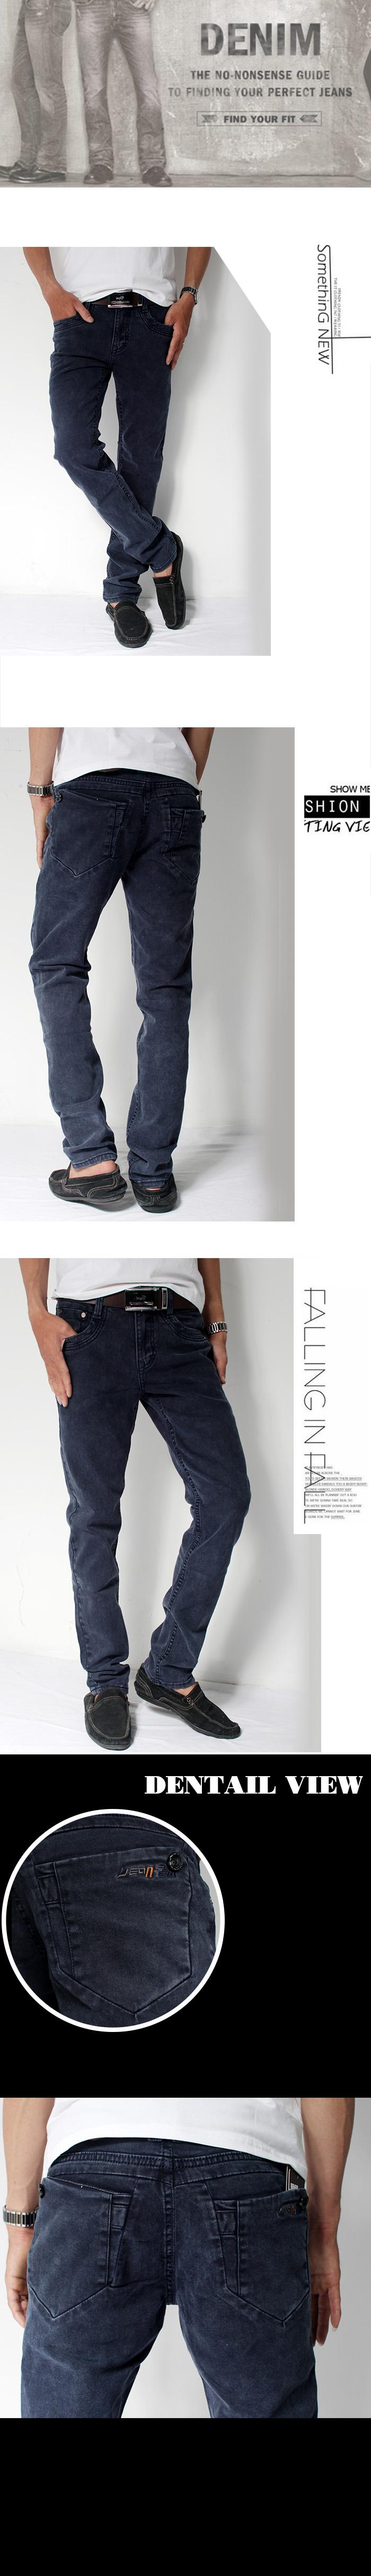 Quần jean xanh đen qj1133 - 1